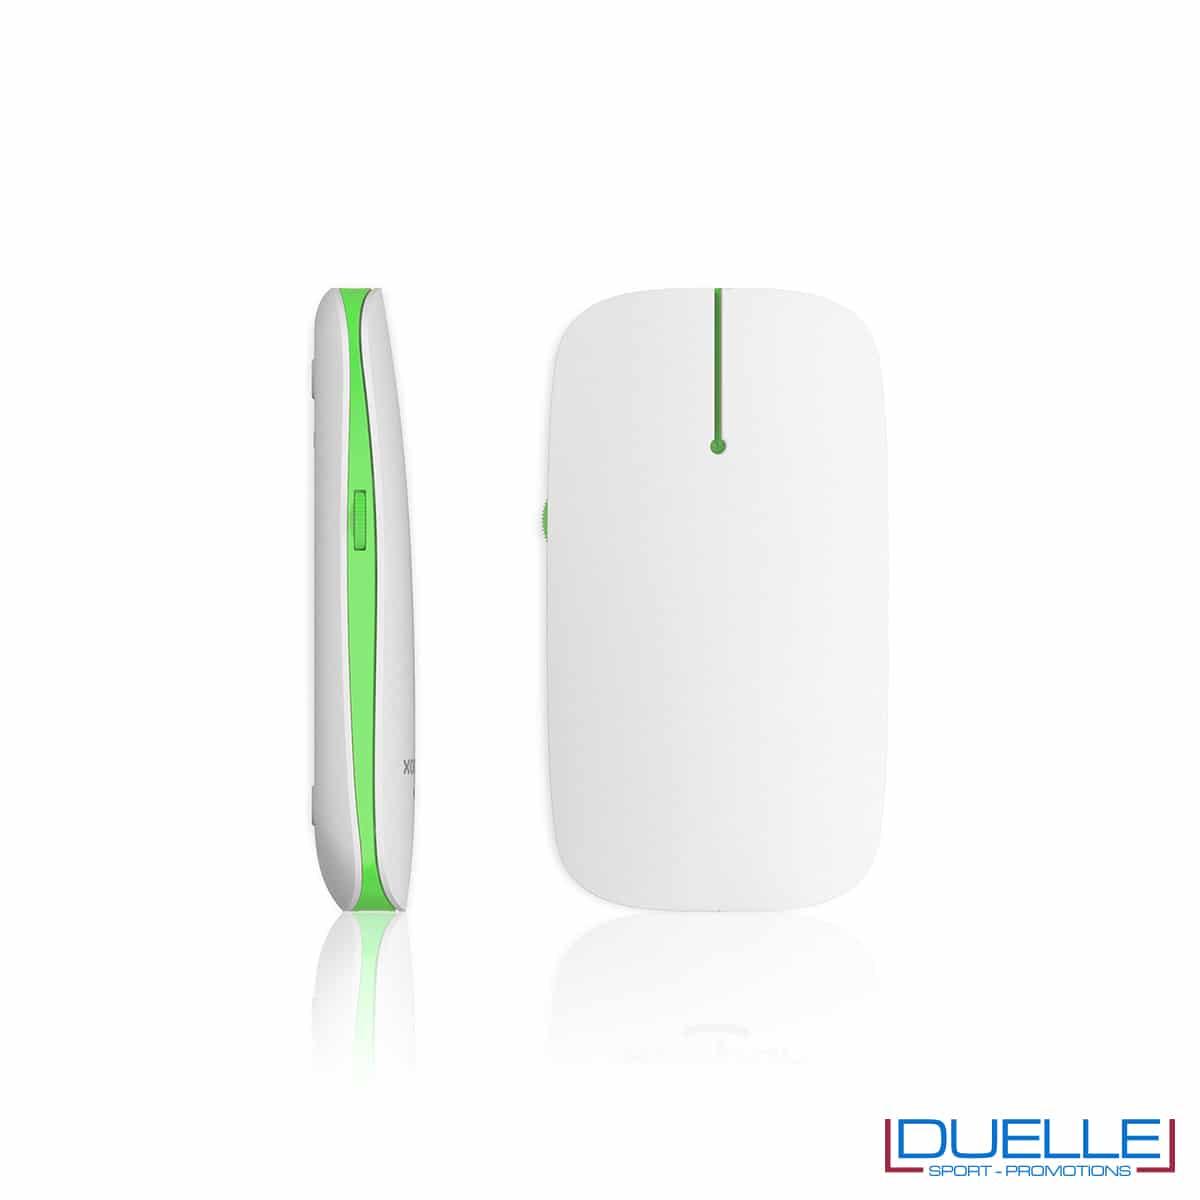 Puntatore mouse wireless led verde personalizzato